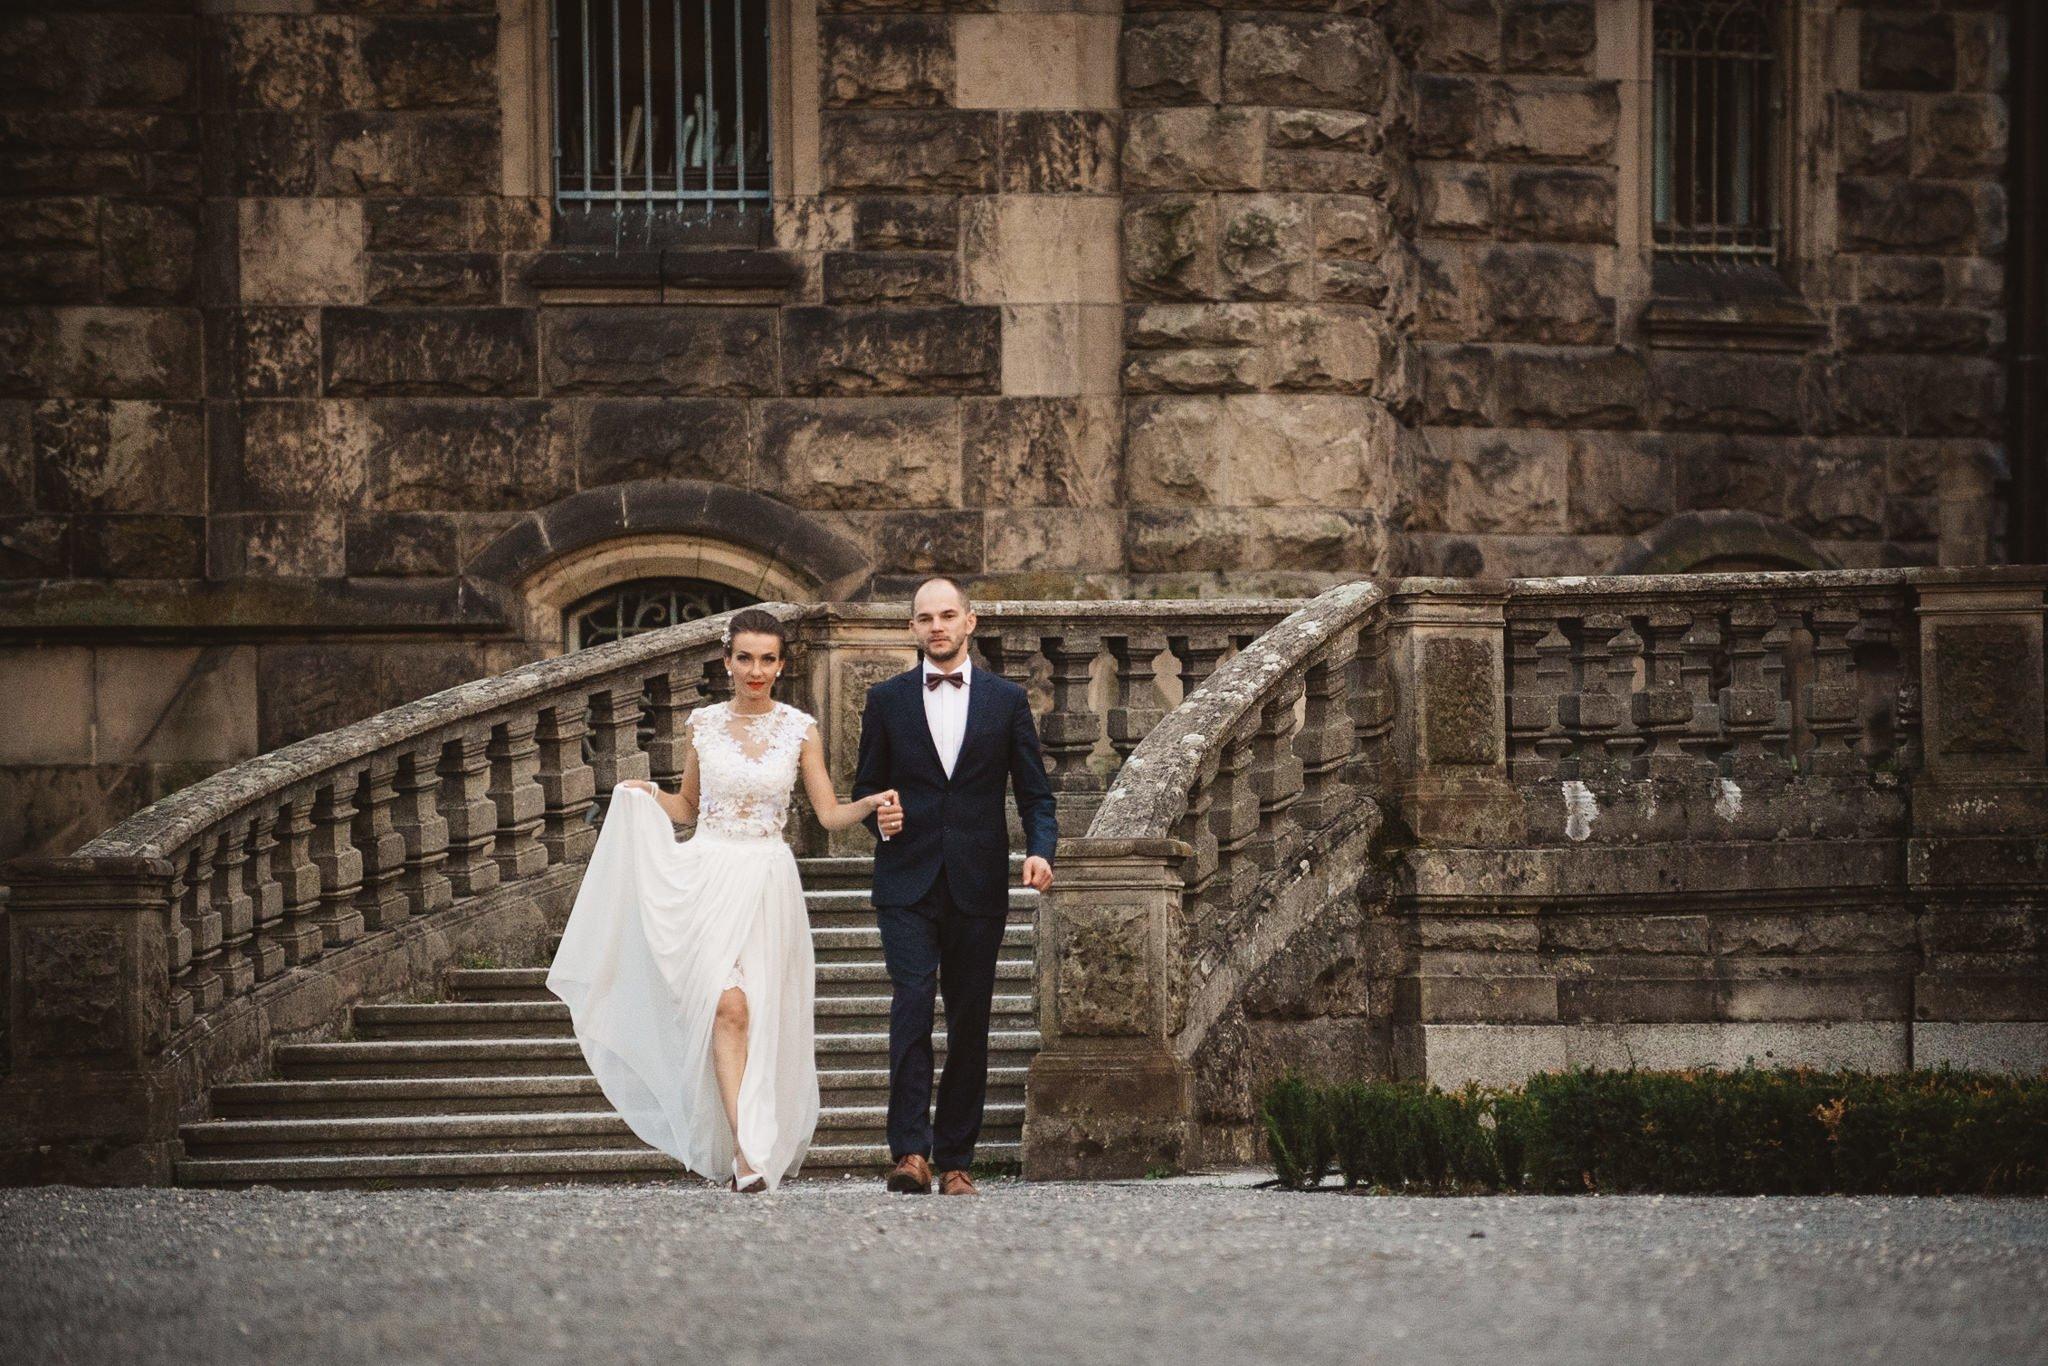 Ala i Arek, czyli jak zorganizować ślub i wesele w 4 tygodnie! 402